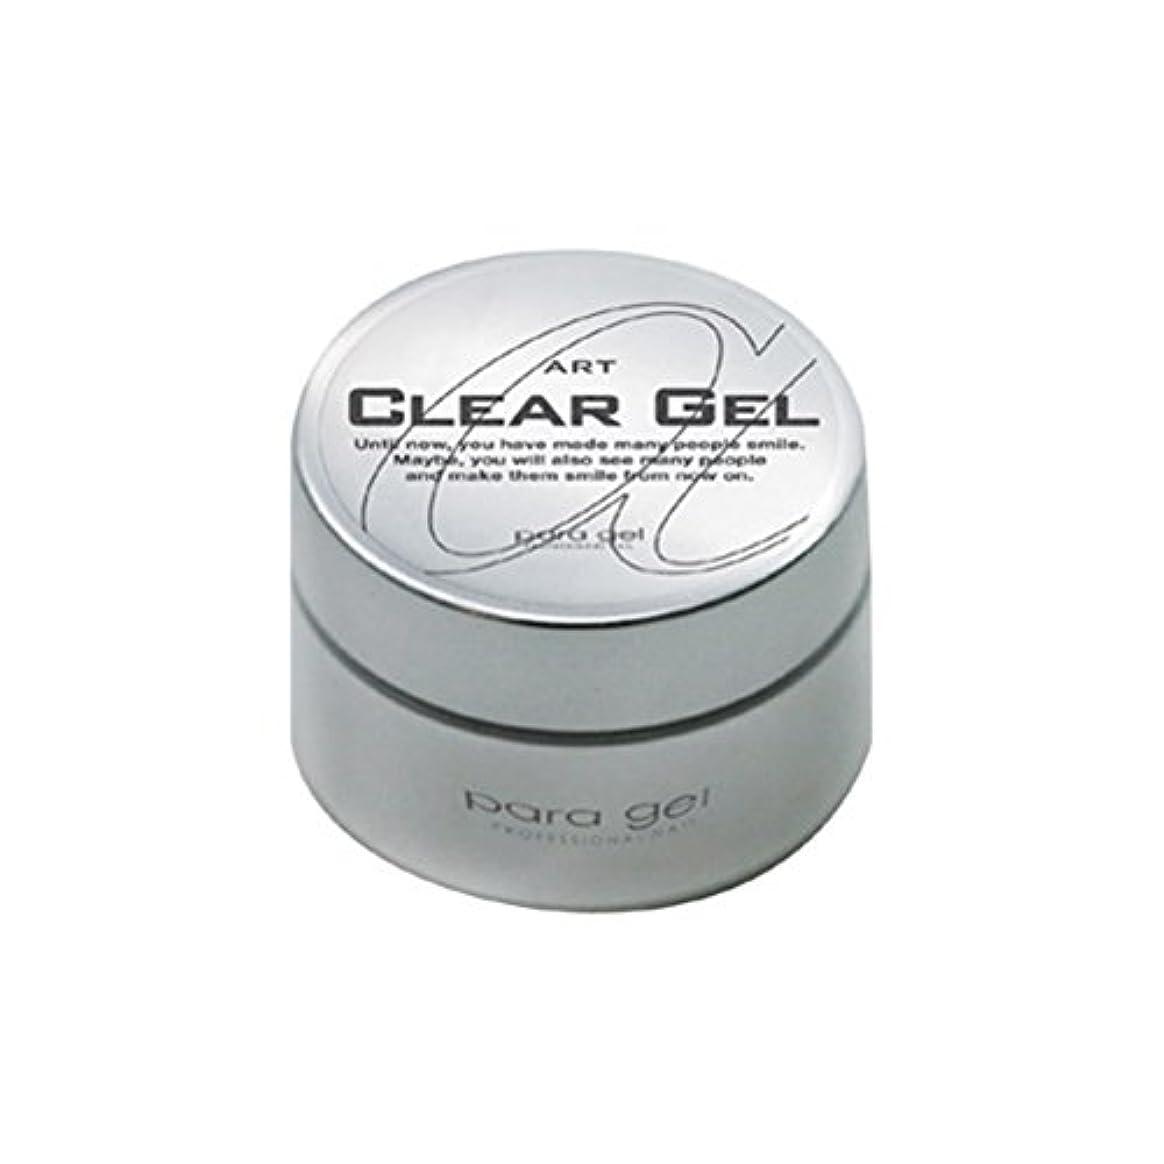 昨日抽象当社para gel アートクリアジェル 10g サンディング不要のベースジェル